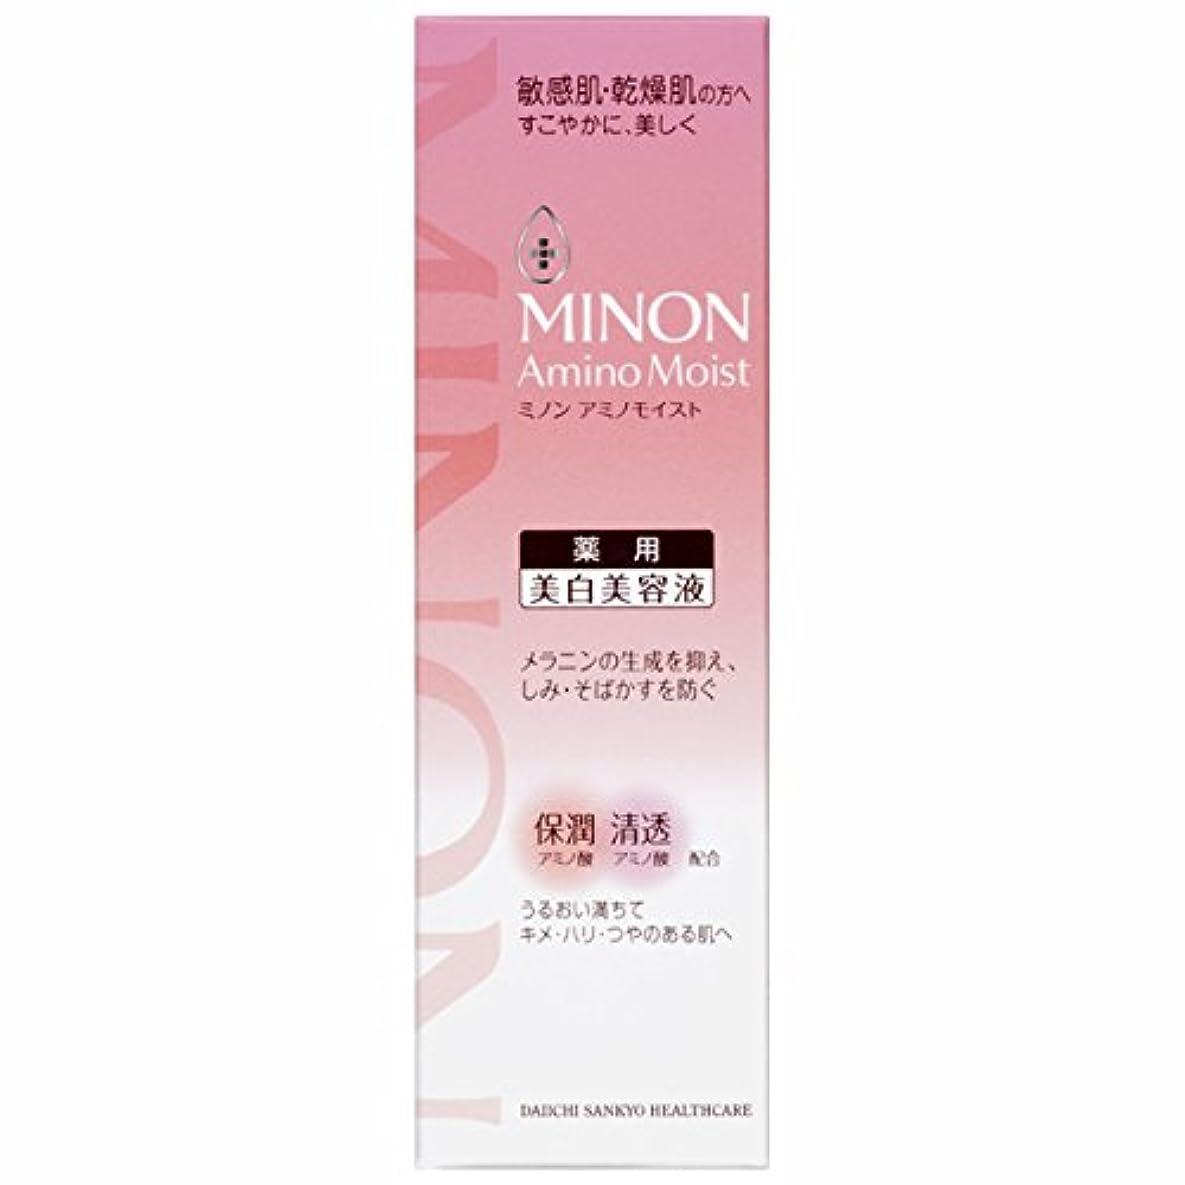 シャーリダクター致死ミノン アミノモイスト 薬用マイルド ホワイトニング 30g (医薬部外品)